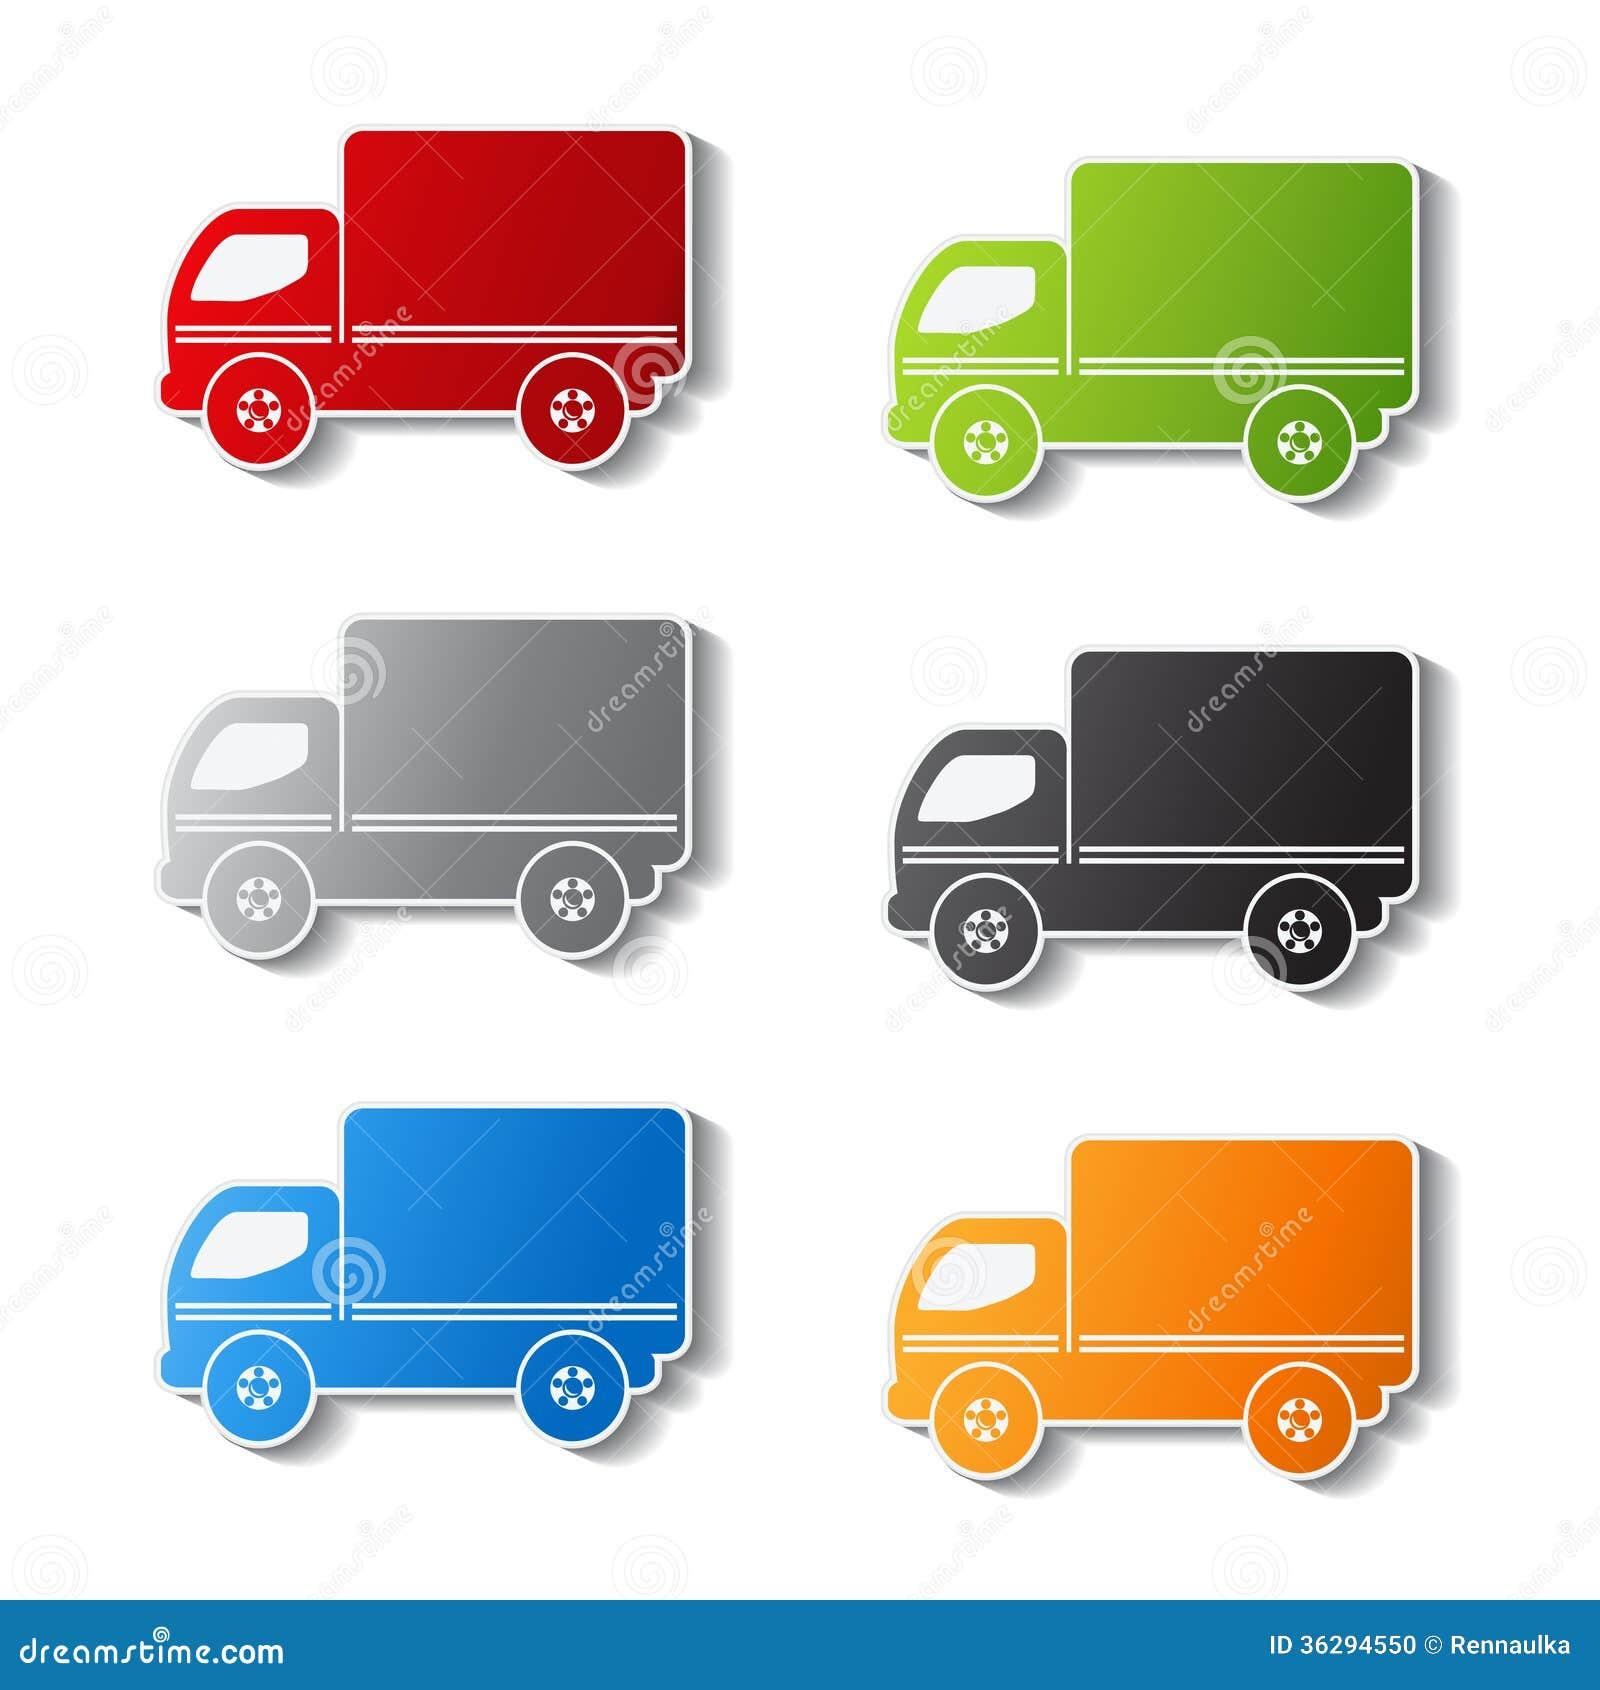 symboles de camion ic ne de la livraison autocollant illustration de vecteur illustration. Black Bedroom Furniture Sets. Home Design Ideas